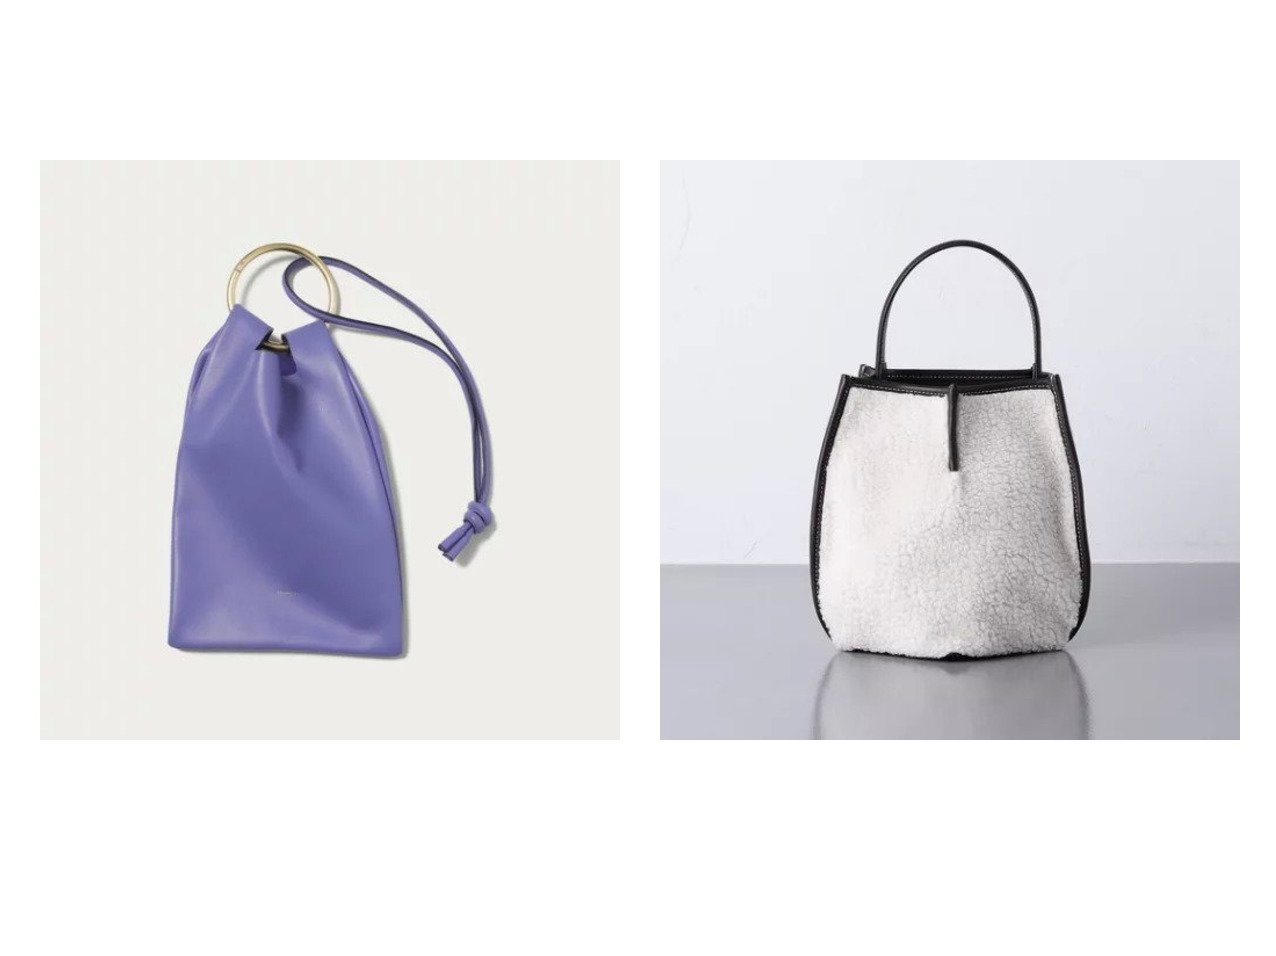 【UNITED ARROWS/ユナイテッドアローズ】の【別注】PENTA ボア ショルダーバッグ&【Odette e Odile/オデット エ オディール】の【一部別注】 MORBIDO bag2 別注・限定・コラボなど、おすすめ!人気、トレンド・レディースファッションの通販 おすすめで人気の流行・トレンド、ファッションの通販商品 インテリア・家具・メンズファッション・キッズファッション・レディースファッション・服の通販 founy(ファニー) https://founy.com/ ファッション Fashion レディースファッション WOMEN バッグ Bag おすすめ Recommend コンパクト シンプル パープル フォルム ラップ 別注 |ID:crp329100000060908